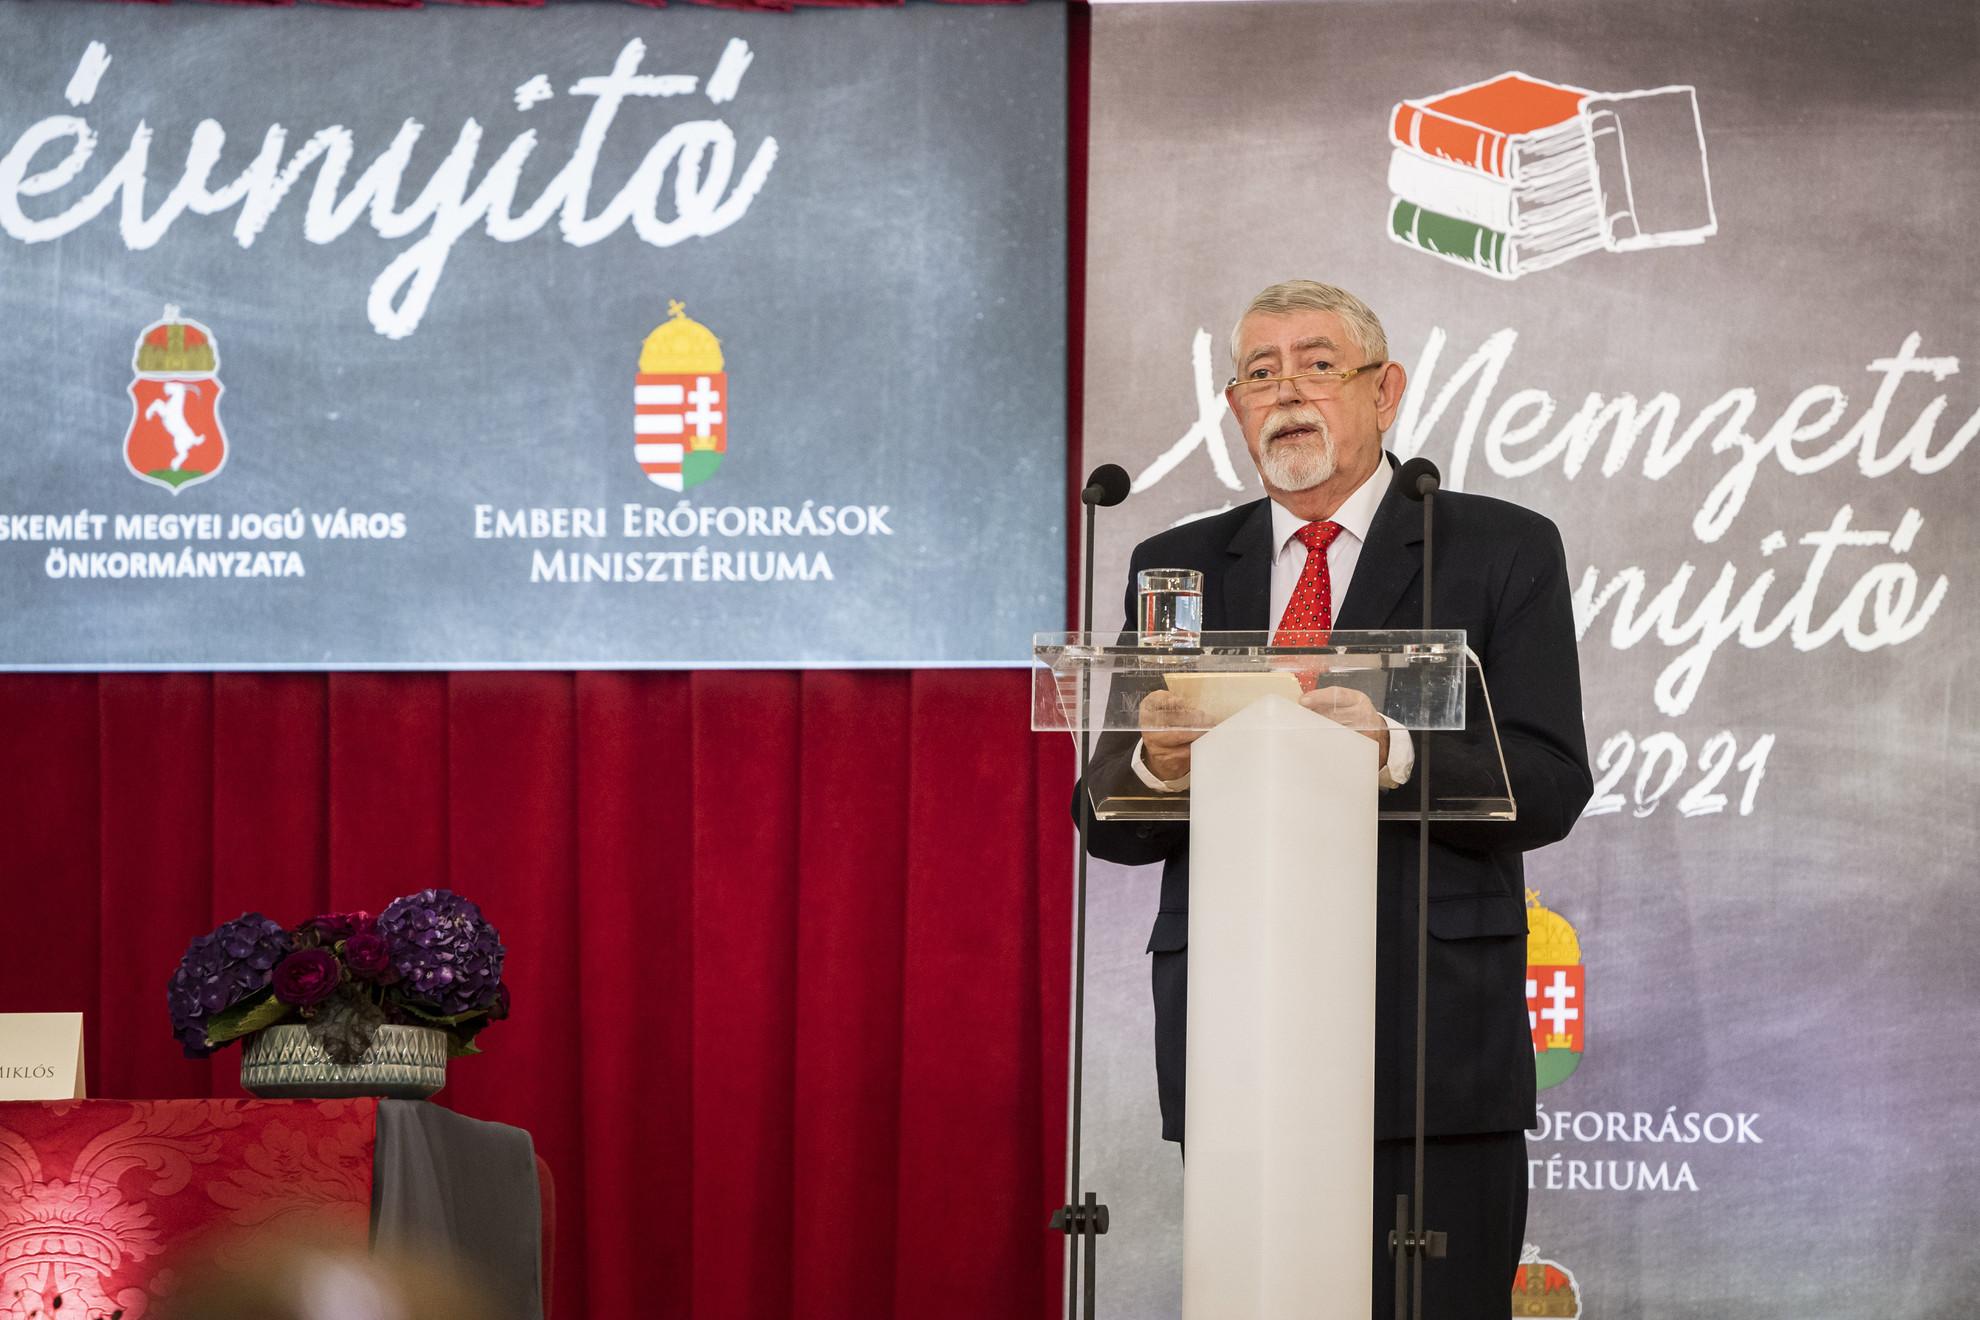 Kásler Miklós, az emberi erőforrások minisztere beszédet mond a XI. Nemzeti Tanévnyitón a Kecskeméti Református Általános Iskolában